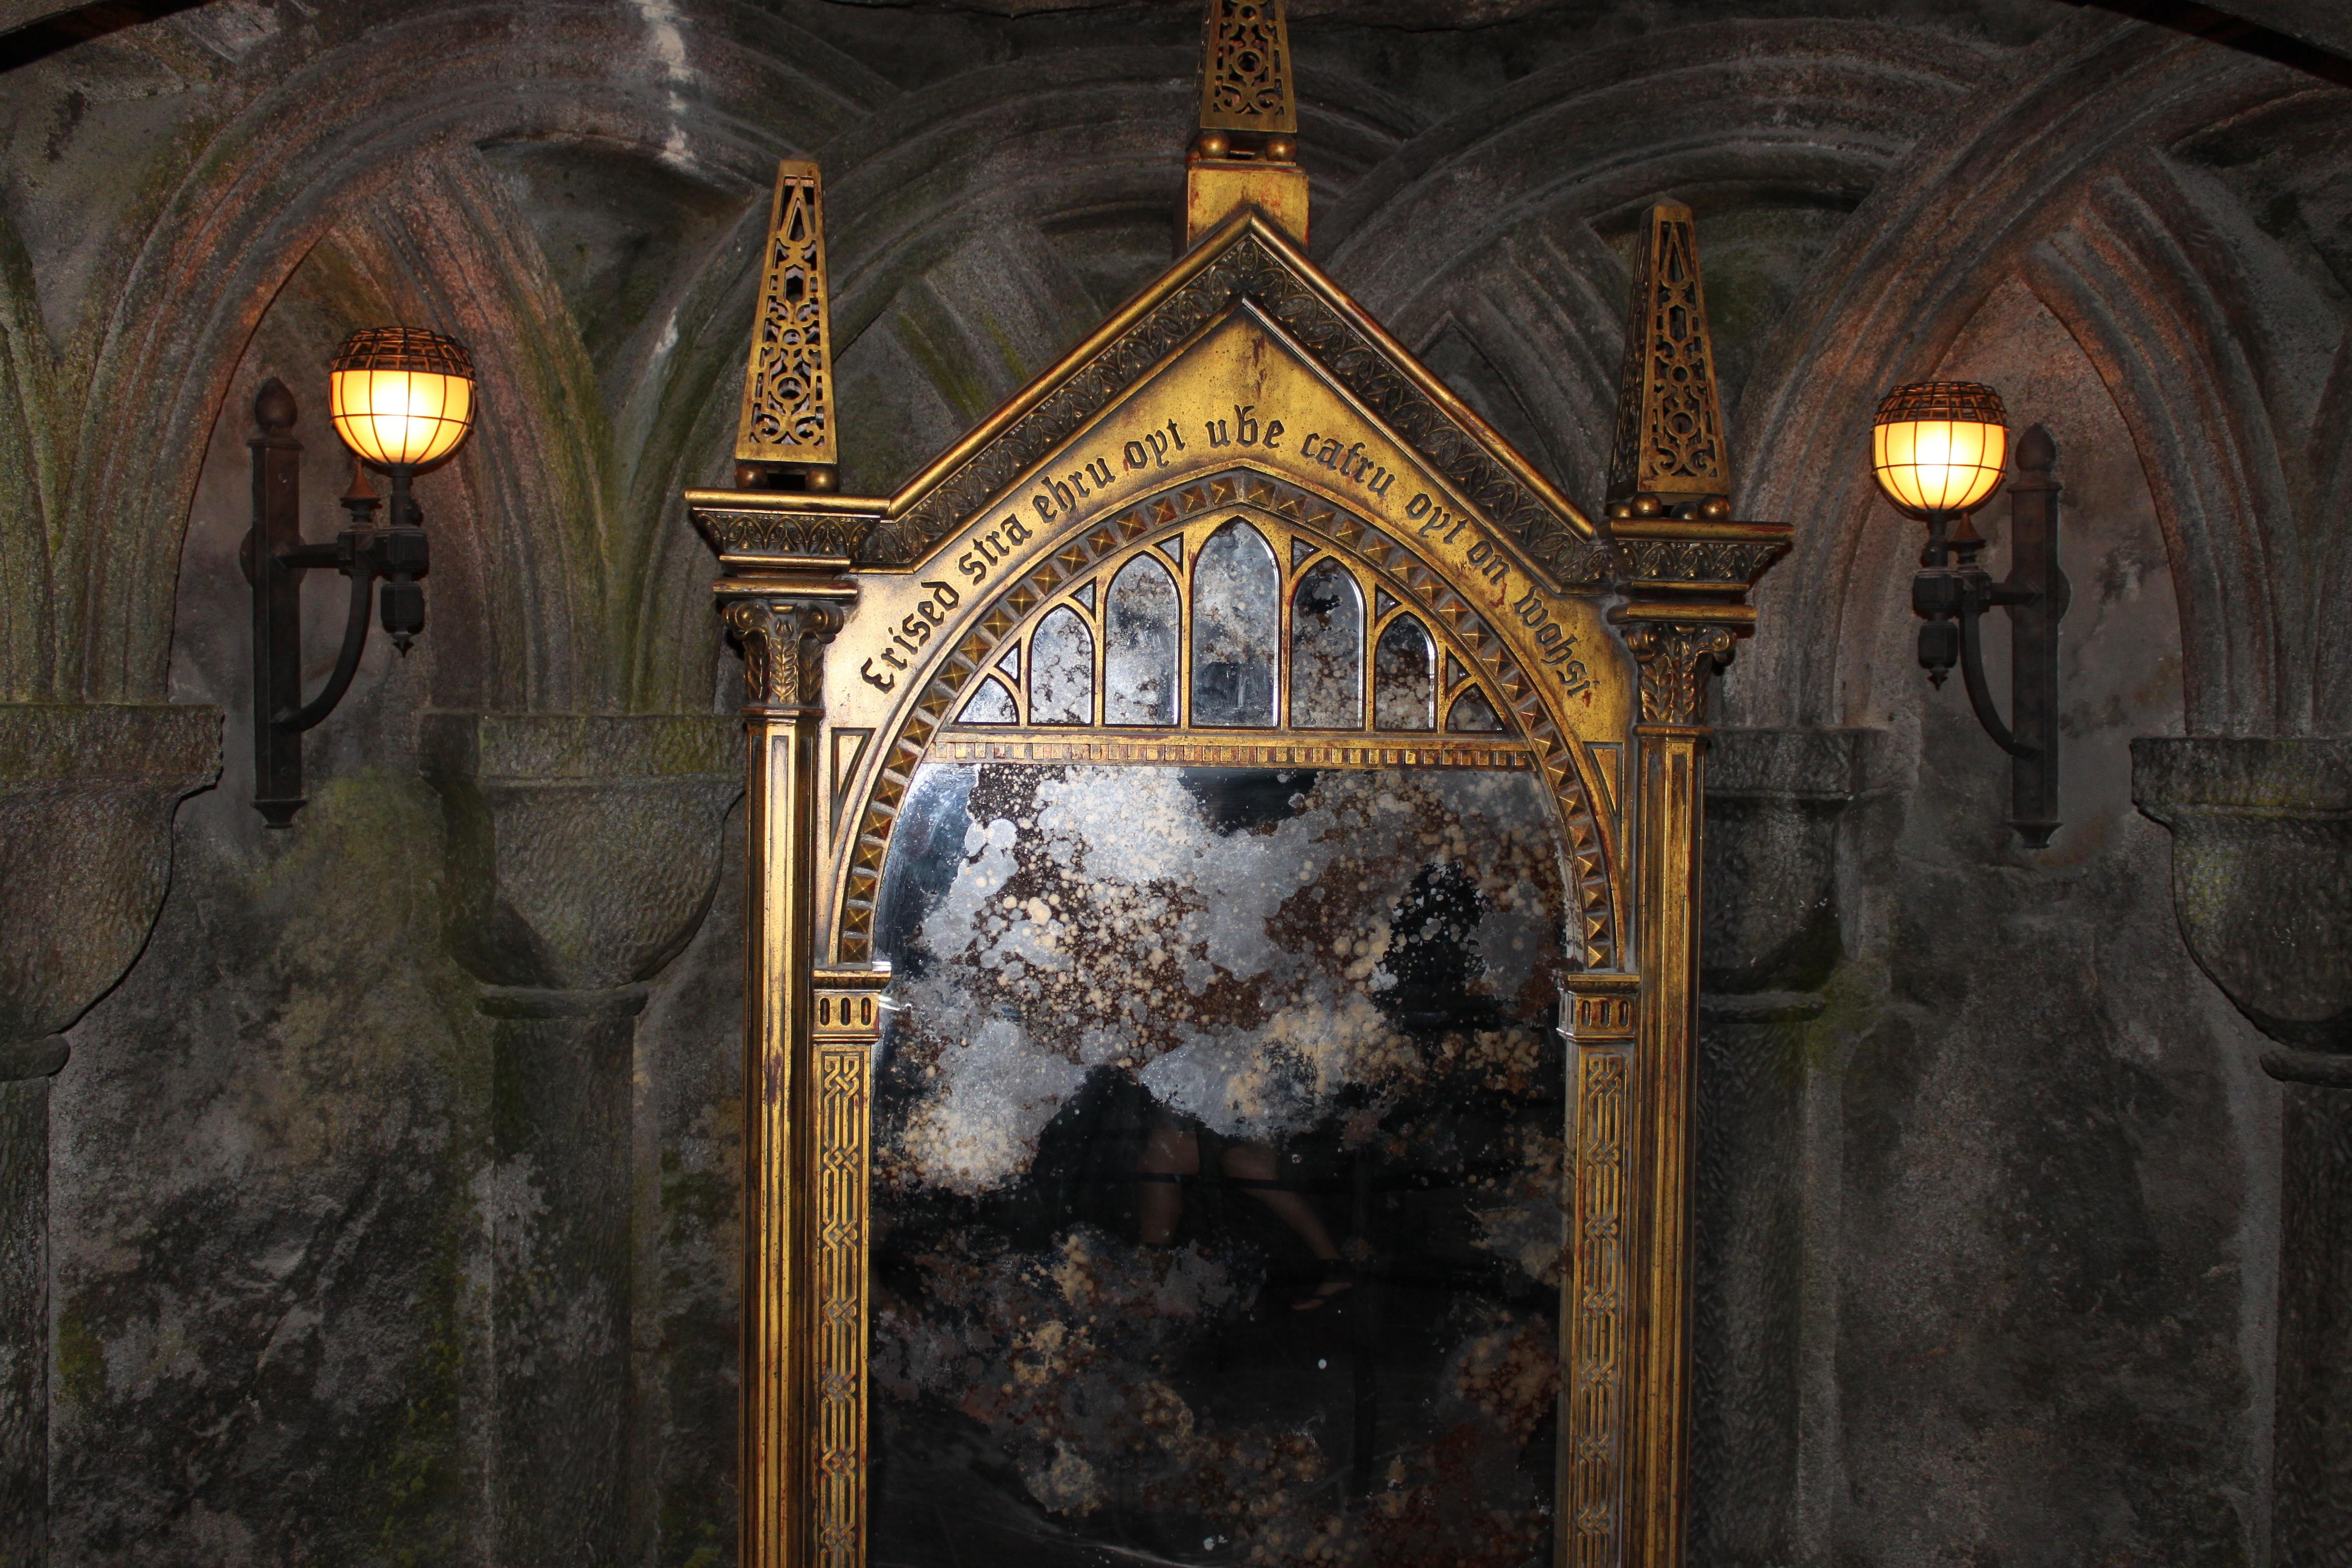 http://img4.wikia.nocookie.net/__cb20110501193257/harrypotter/ru/images/4/43/Erised.jpg